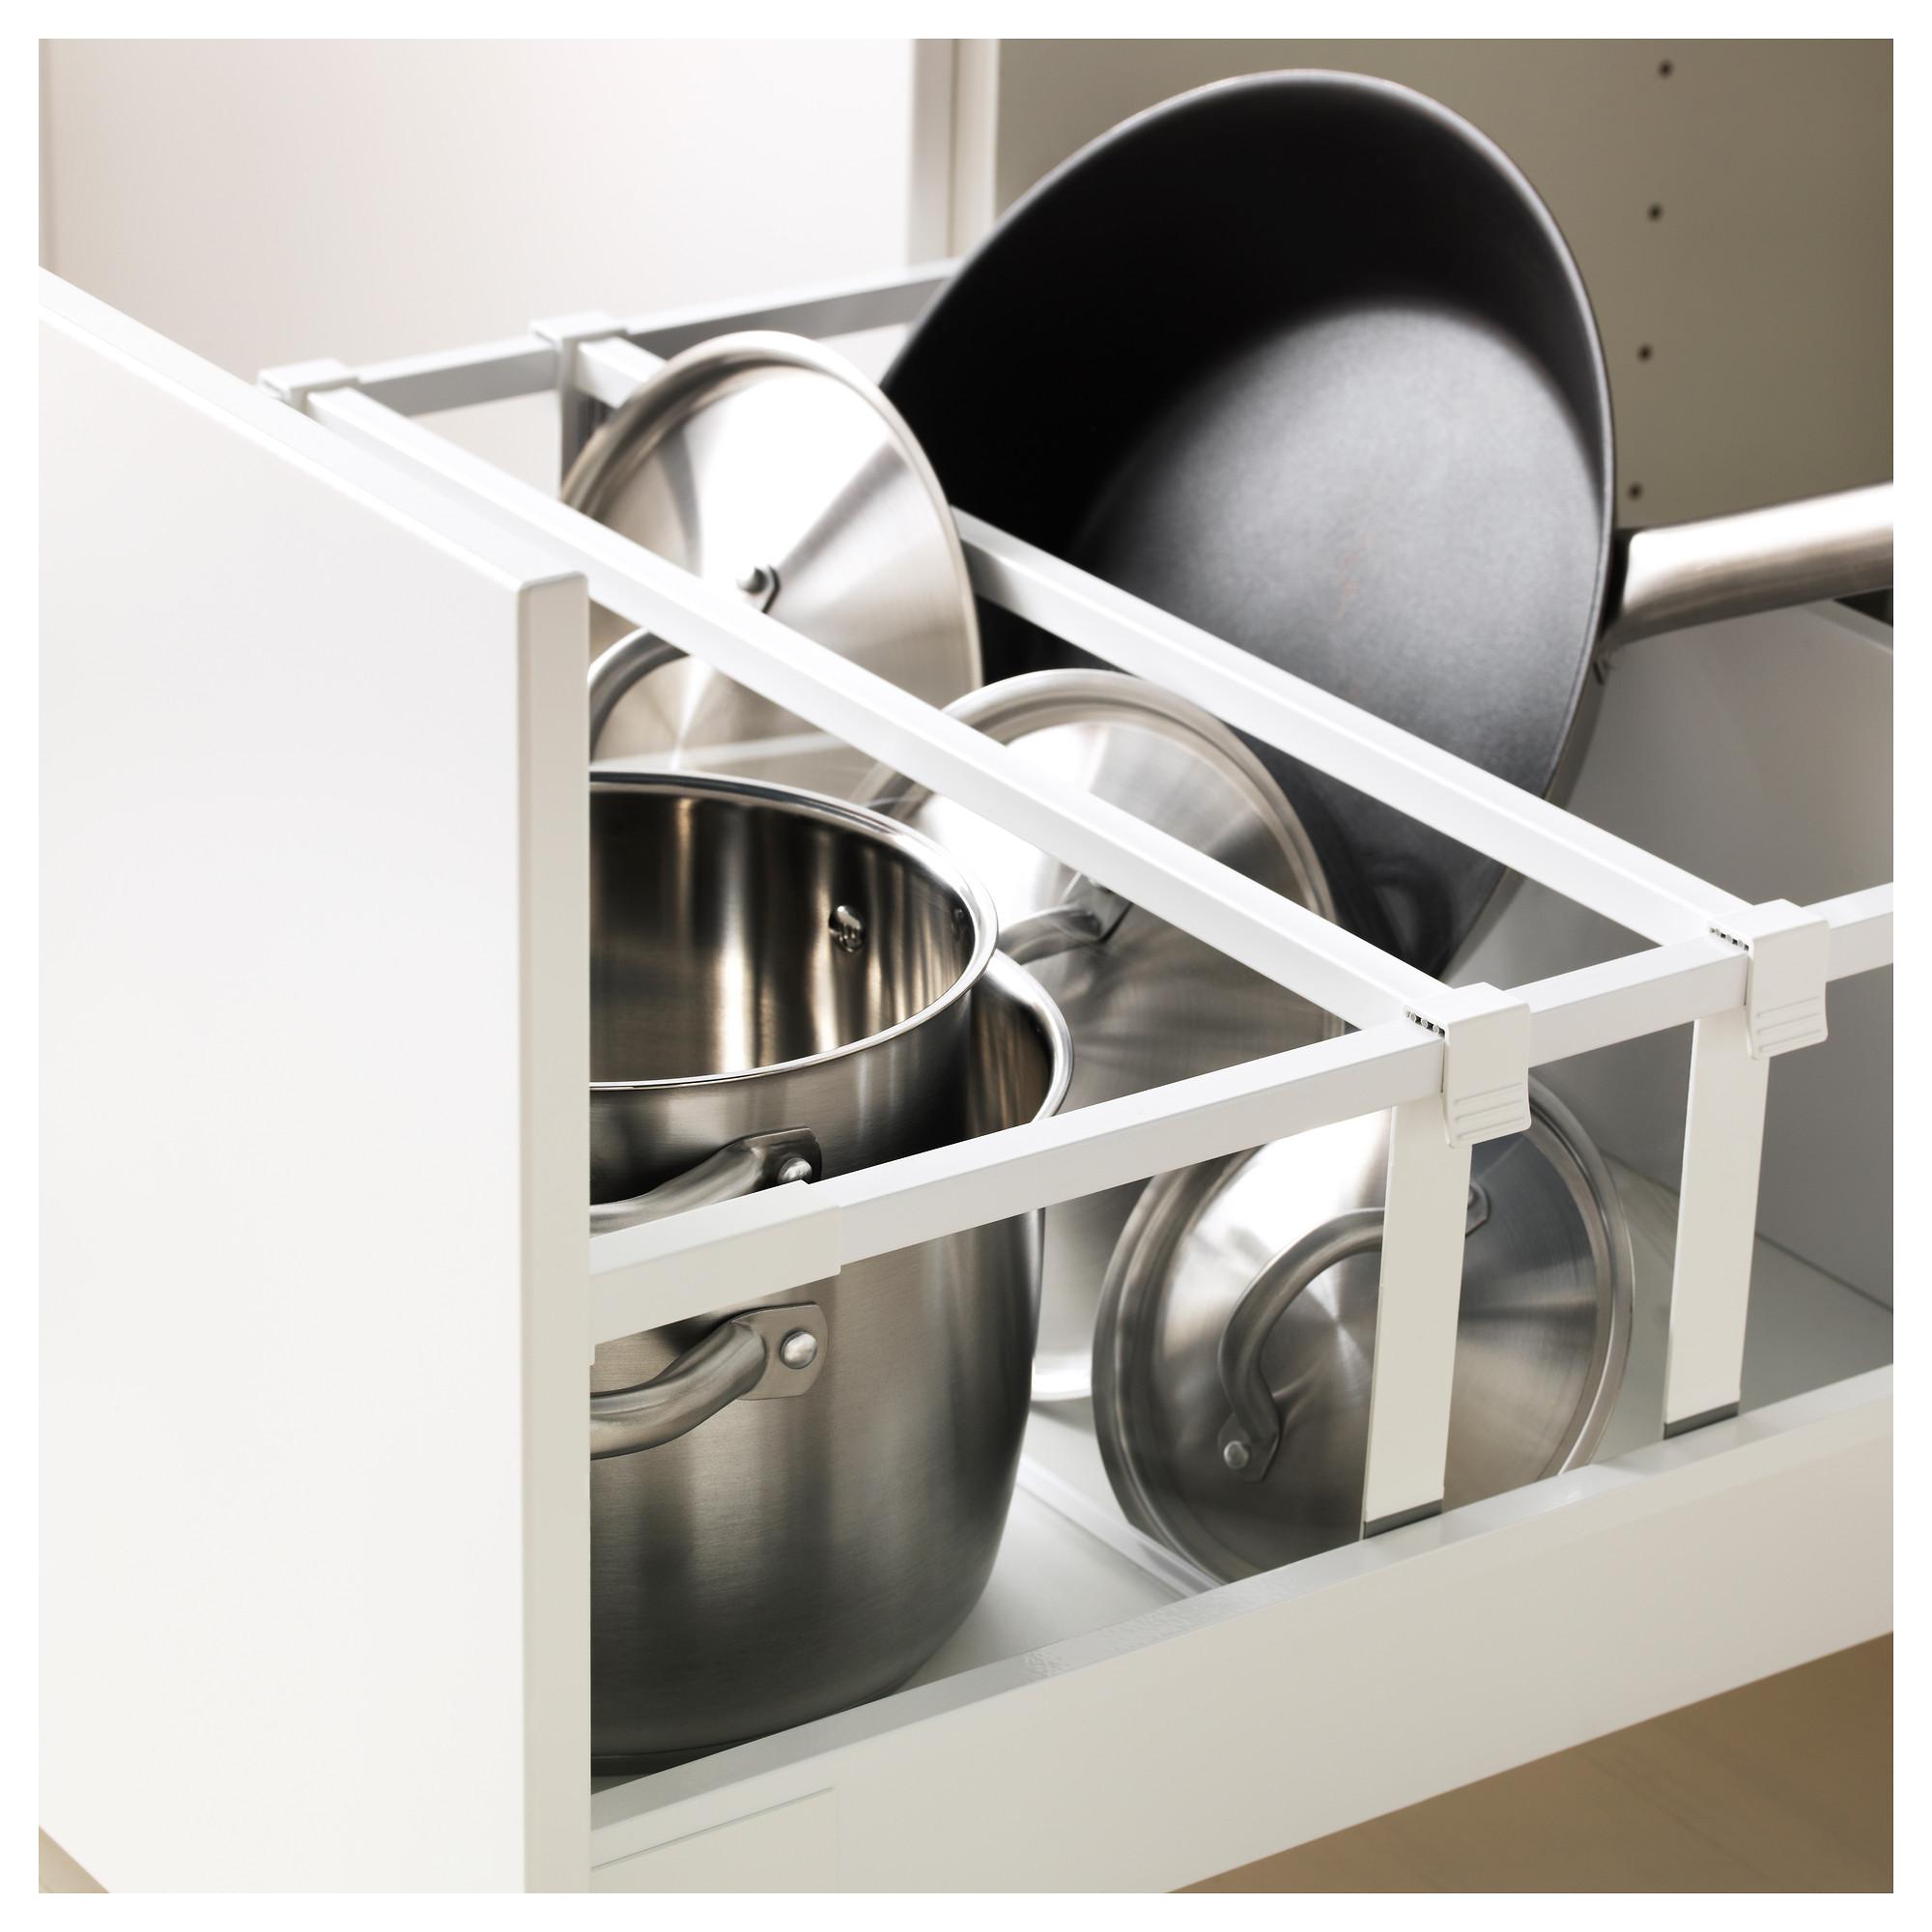 Высокий шкаф для холодильника, с дверцами, 3 ящика МЕТОД / МАКСИМЕРА белый артикуль № 792.374.05 в наличии. Интернет магазин IKEA Беларусь. Быстрая доставка и установка.